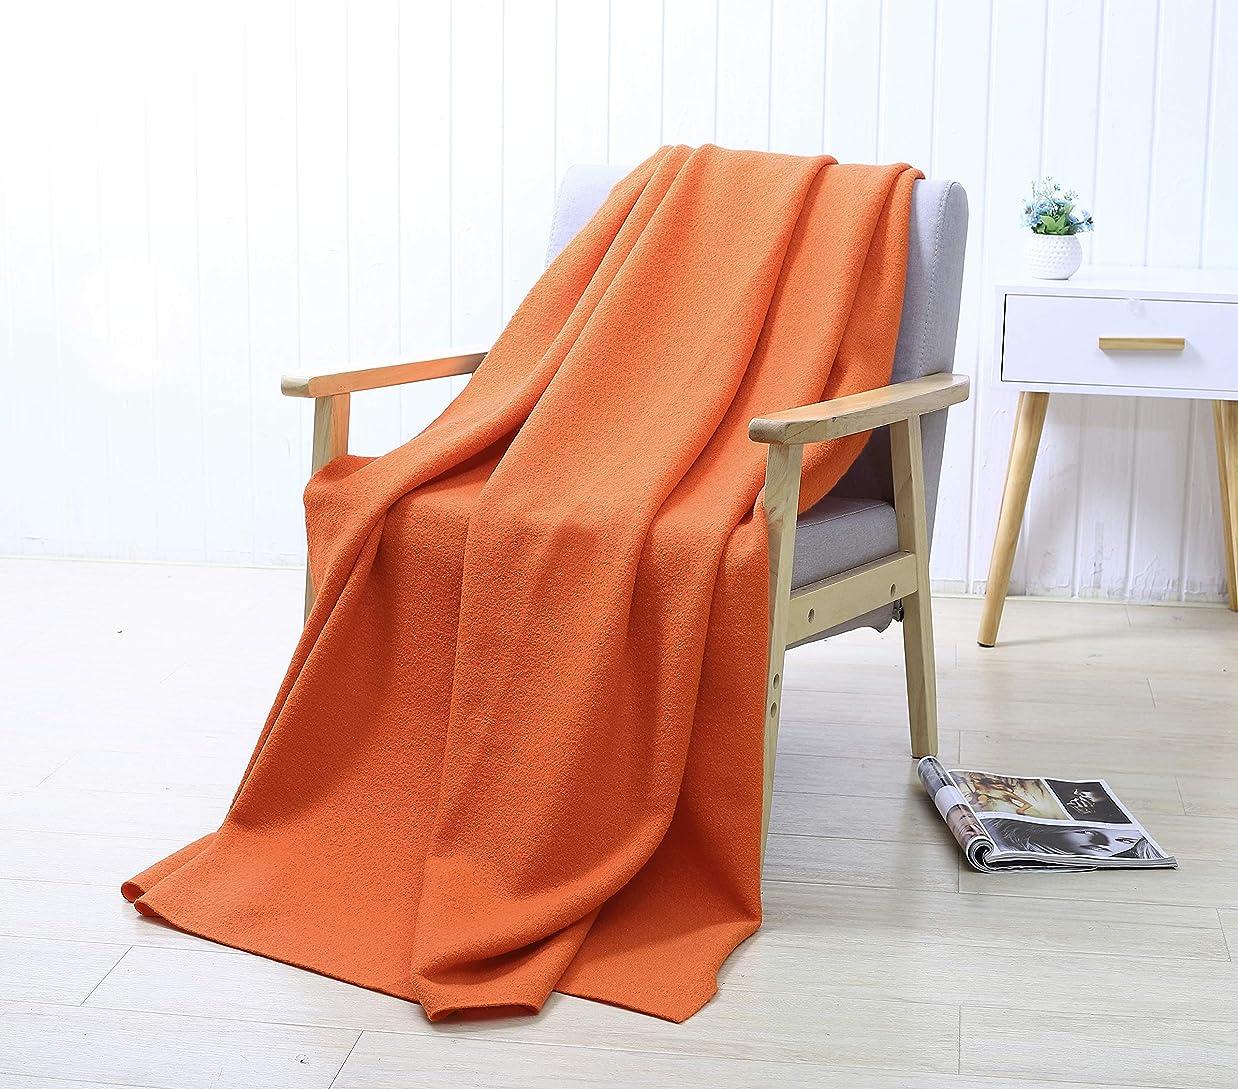 立ち向かう引き受ける美徳PuTian Home - 100%オーストラリア産メリノウールブランケット‐ぬくぬくあったか純毛毛布‐オレンジ色‐140 X 178cm